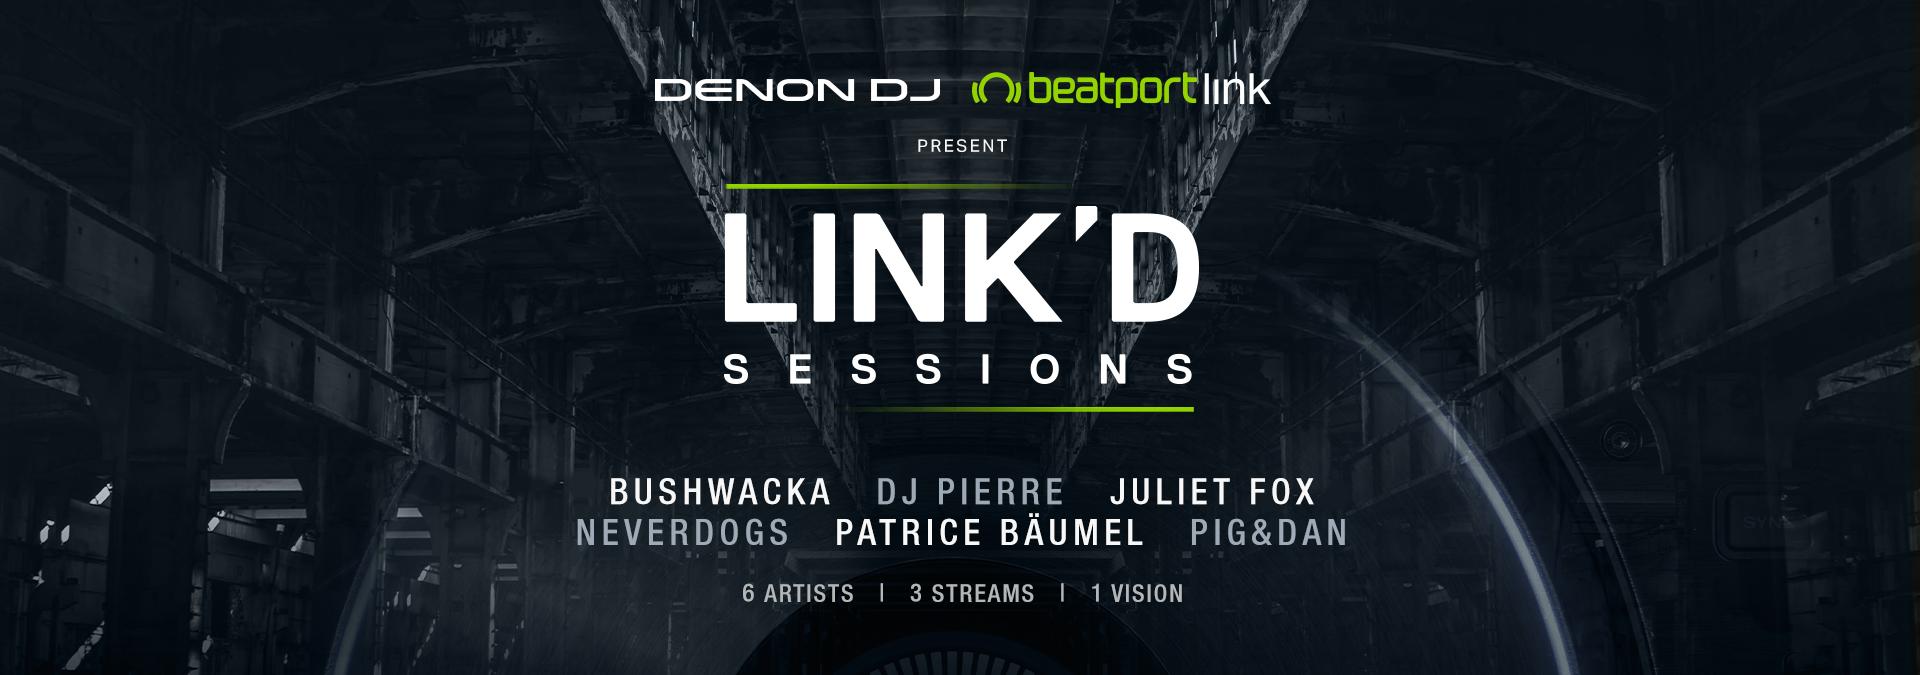 Denon DJ x beatport link present LINK'D SESSIONS